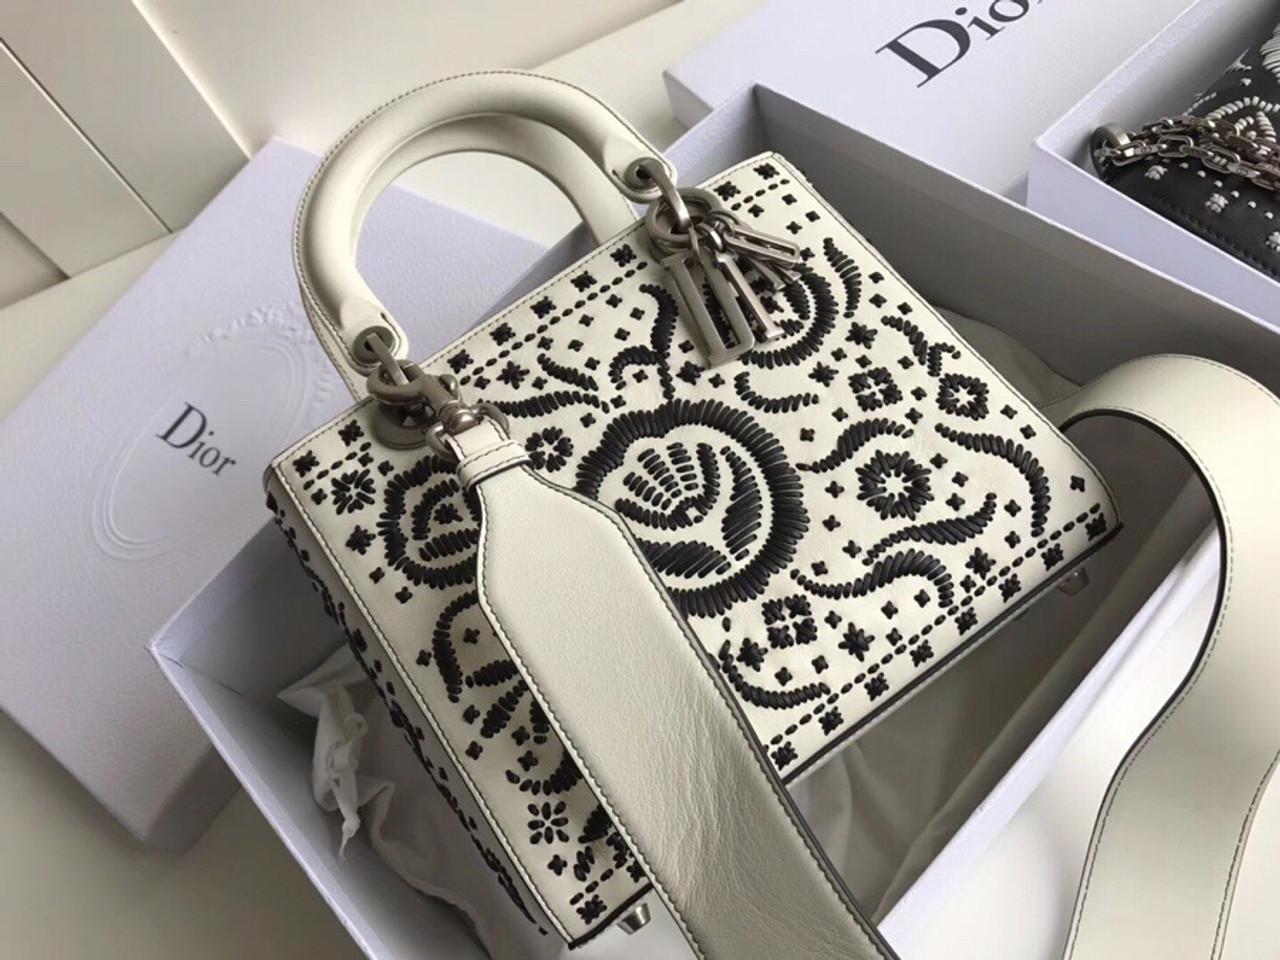 56008cebe4 Christian Dior MINI LADY DIOR EMBROIDERED BAG White - Bella Vita Moda